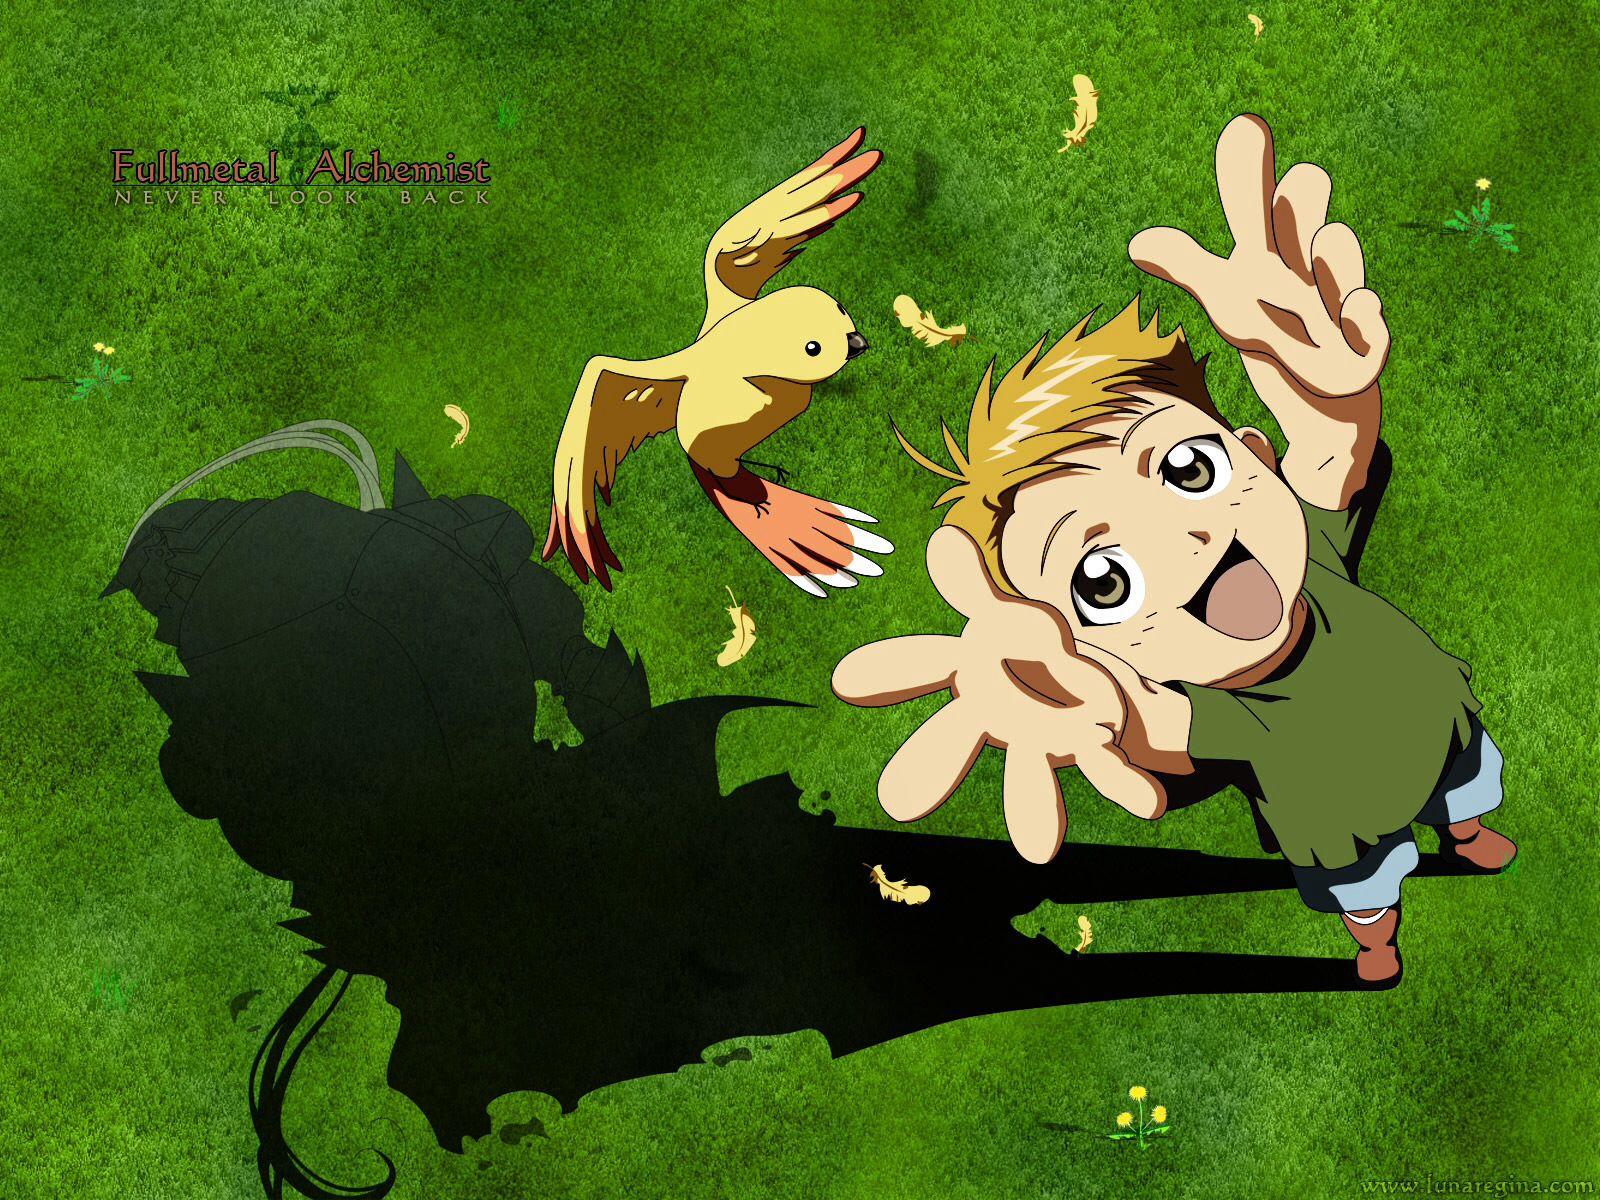 Fullmetal Alchemist Wallpaper Little Alphonse